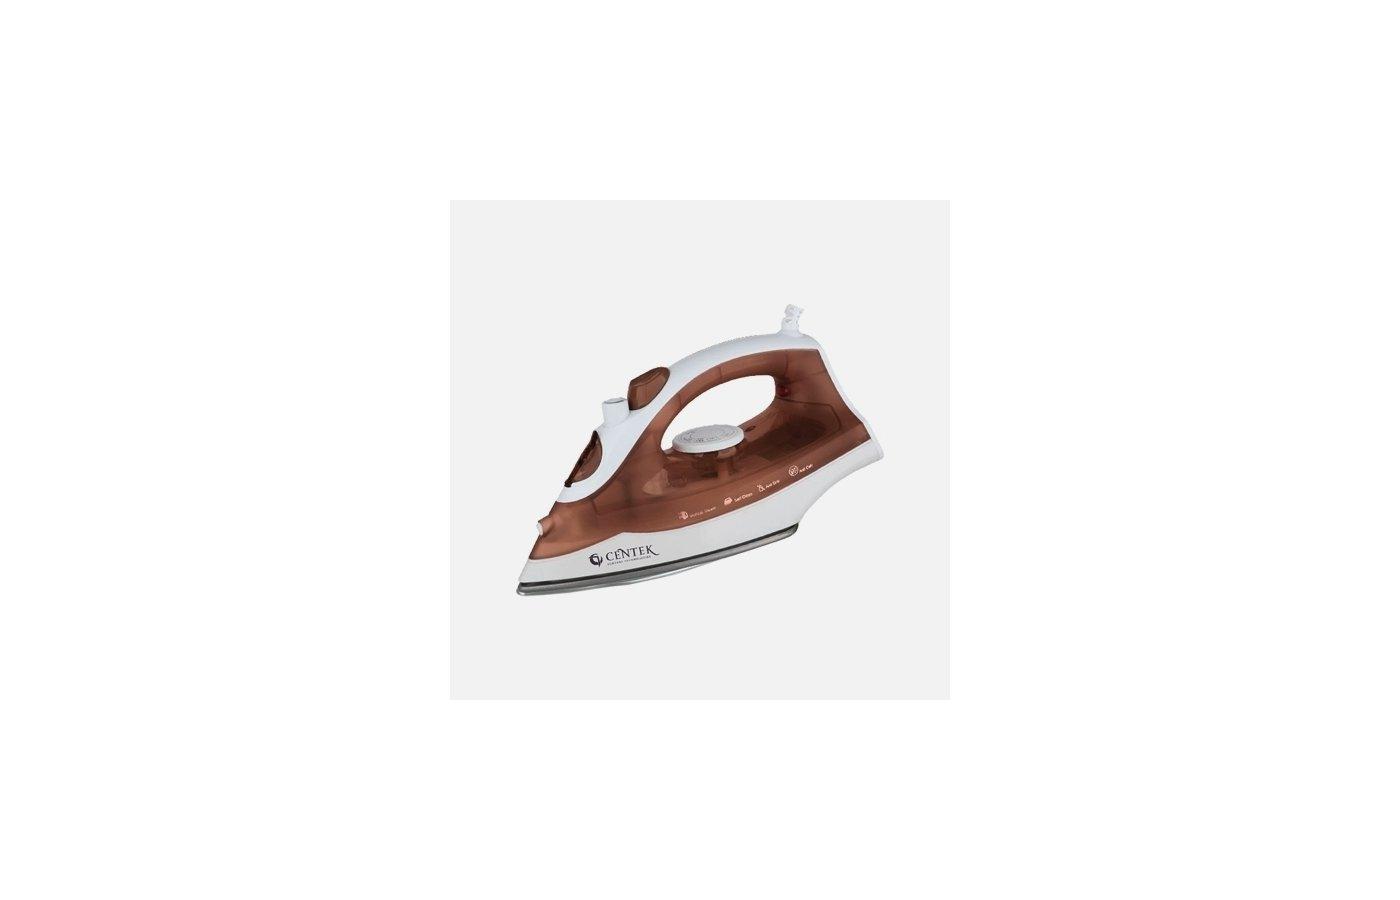 Утюг CENTEK CT-2319 коричневый